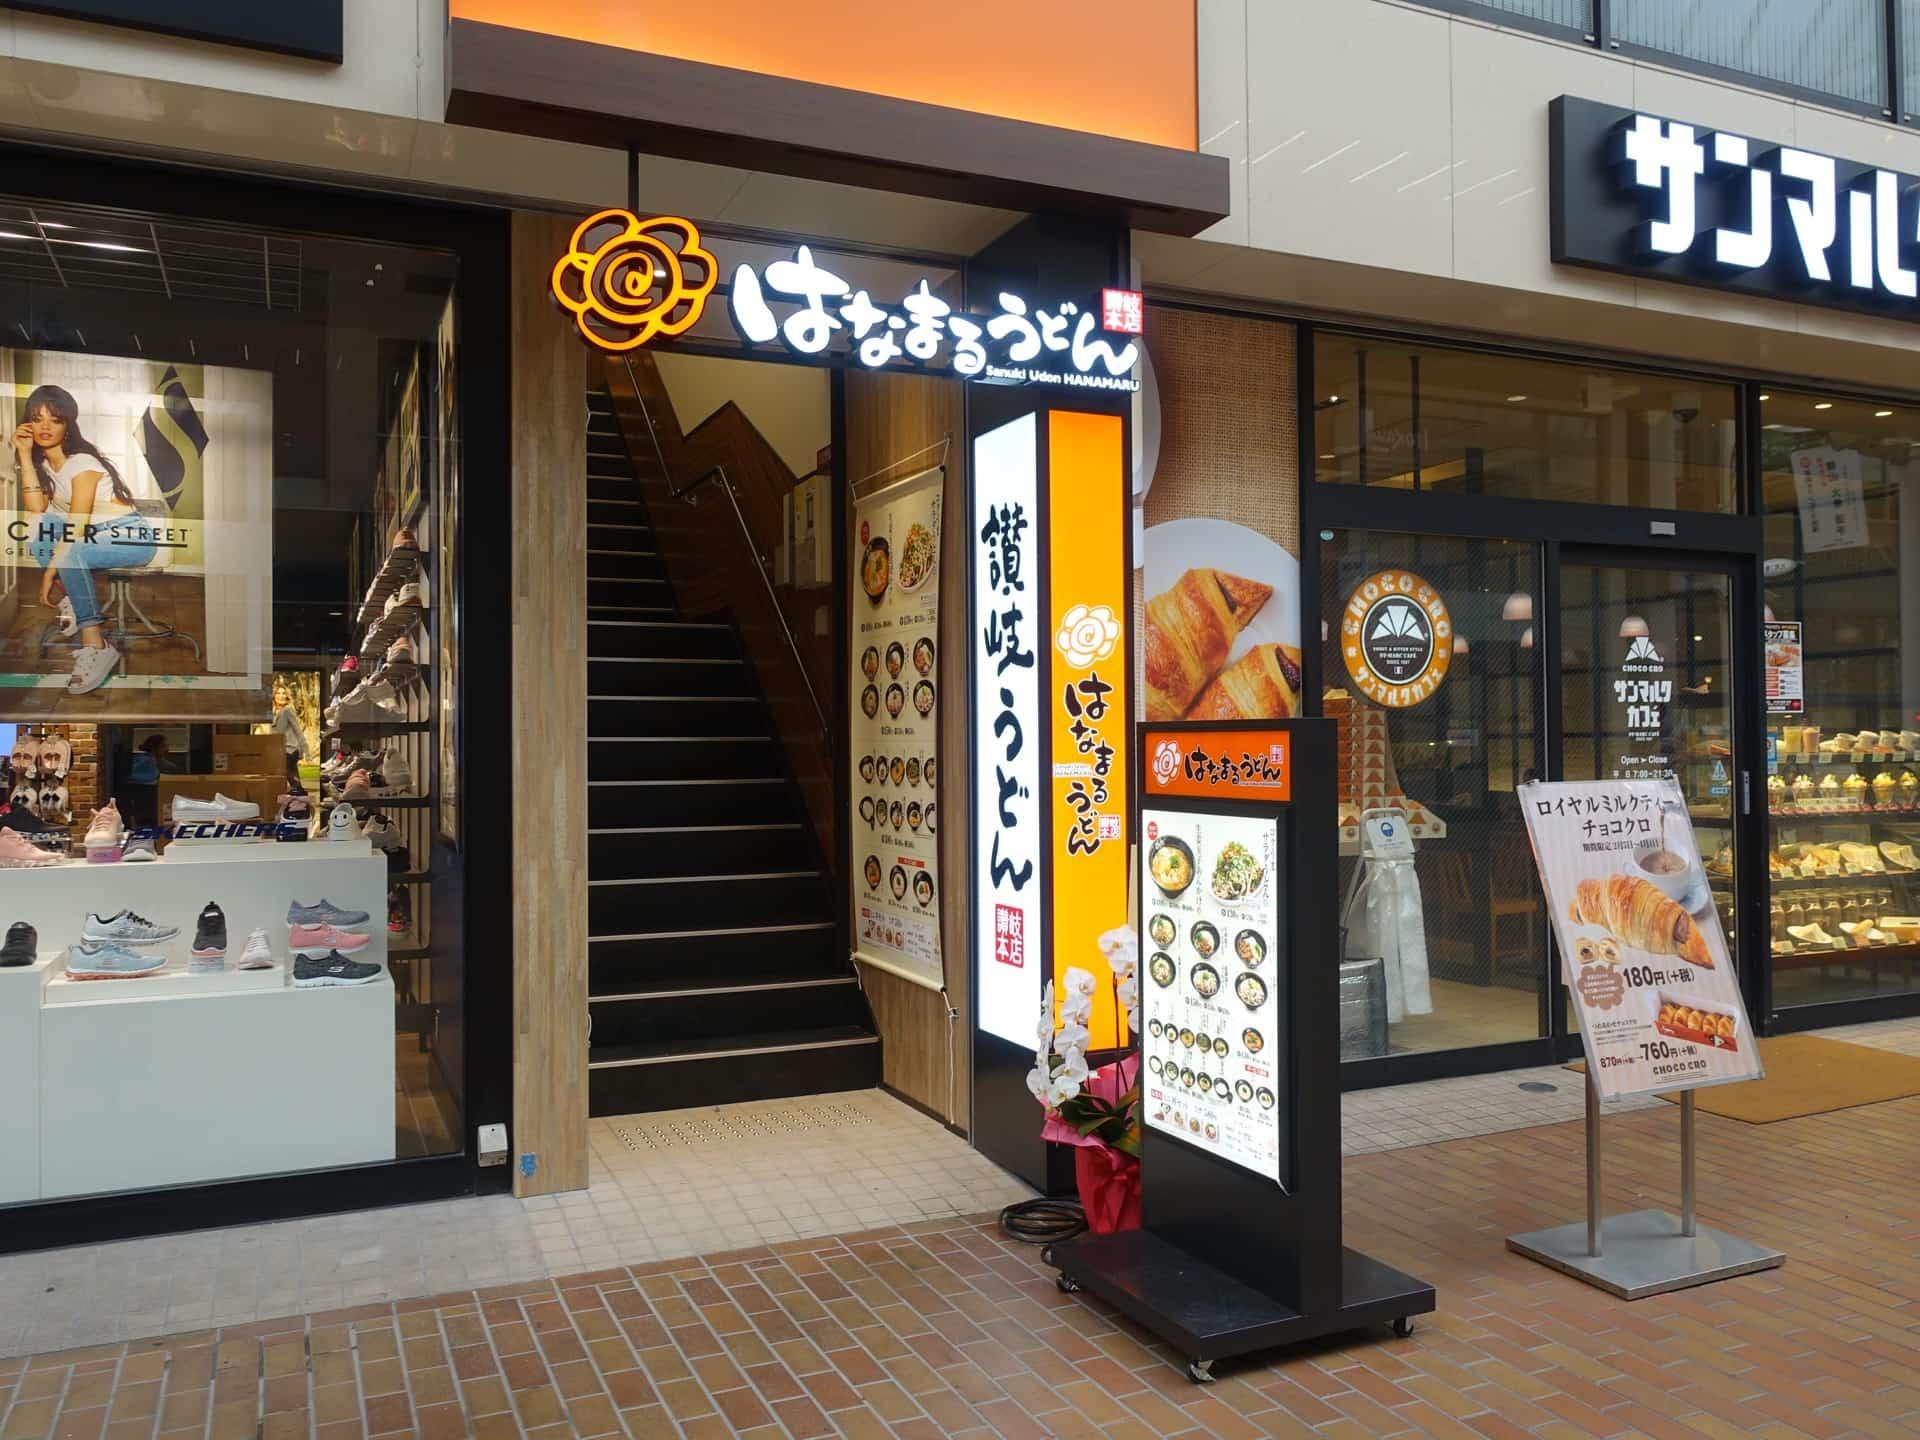 神戸3店舗目の「はなまるうどん 元町1番街店」が2月13日にオープン!元町駅から徒歩5分で便利